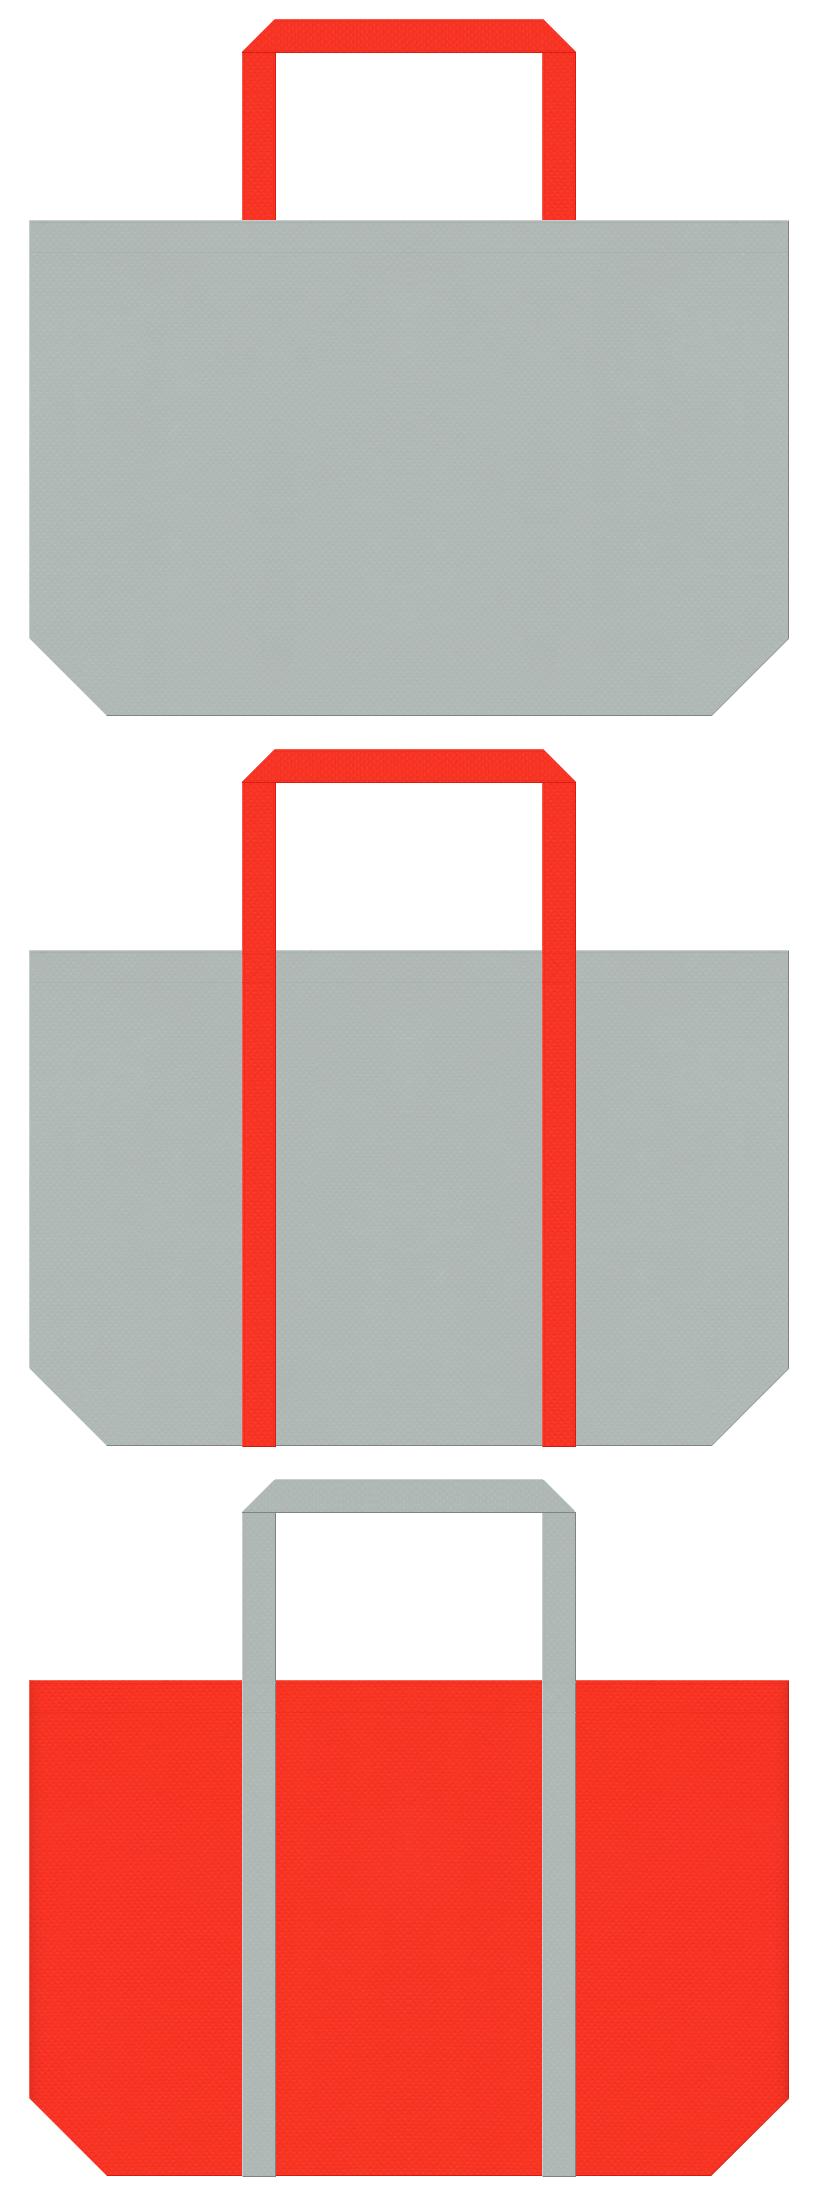 グレー色とオレンジ色の不織布エコバッグのデザイン。ロボット・ラジコン・ホビーのイメージにお奨めの配色です。